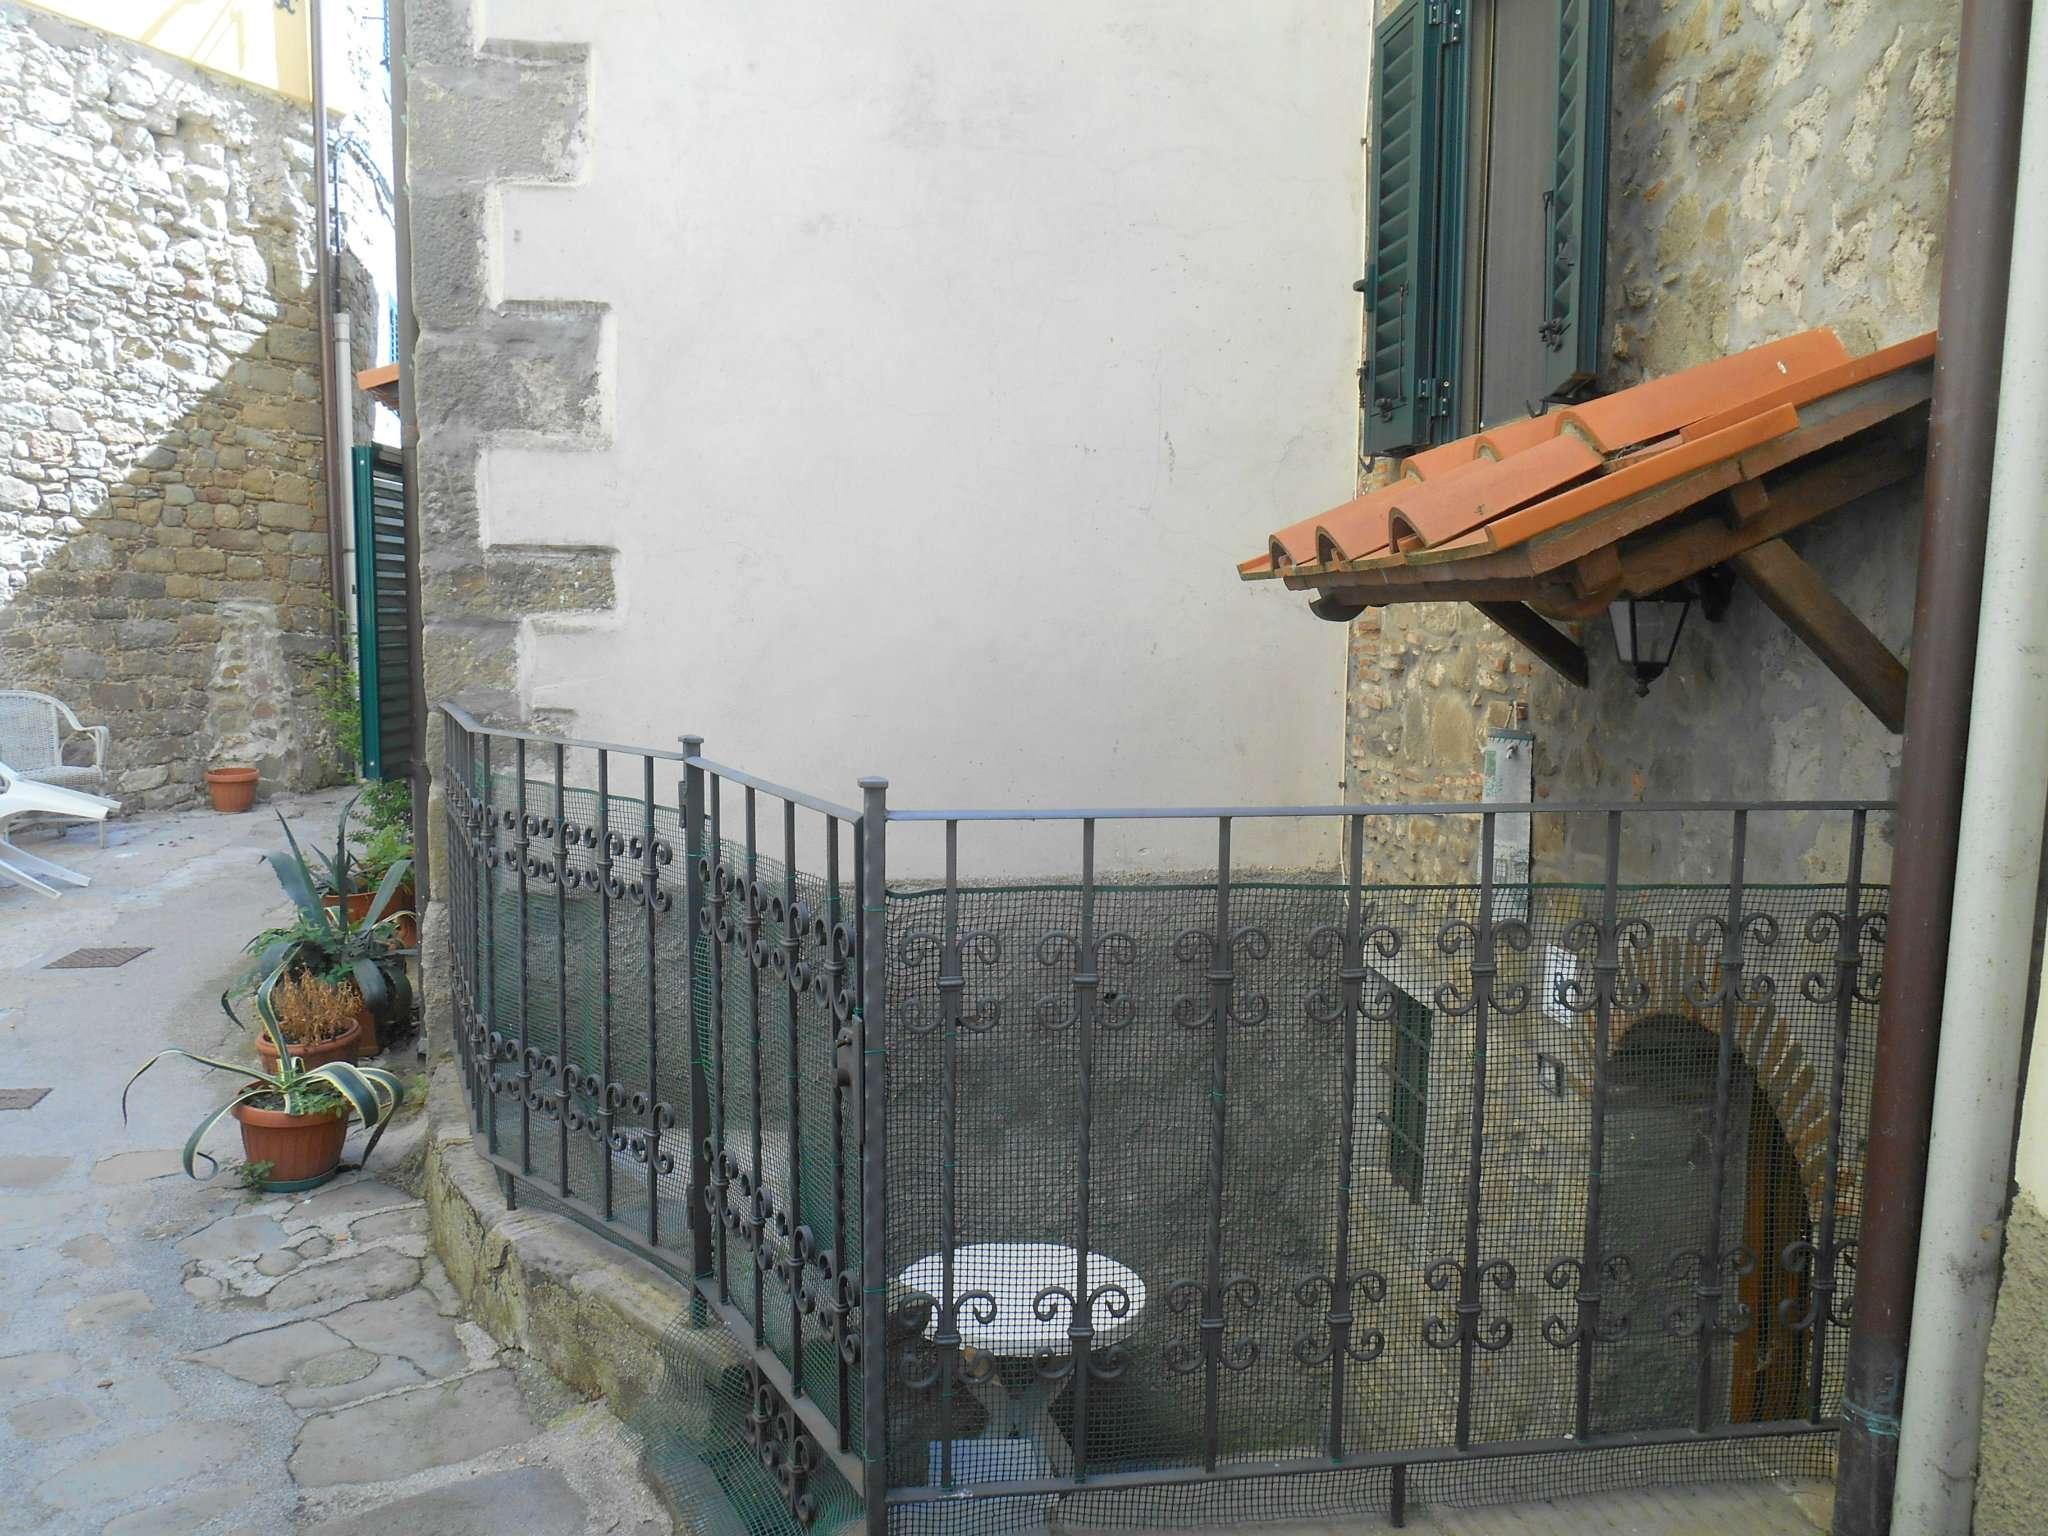 Palazzo / Stabile in vendita a Bagni di Lucca, 7 locali, prezzo € 60.000 | CambioCasa.it